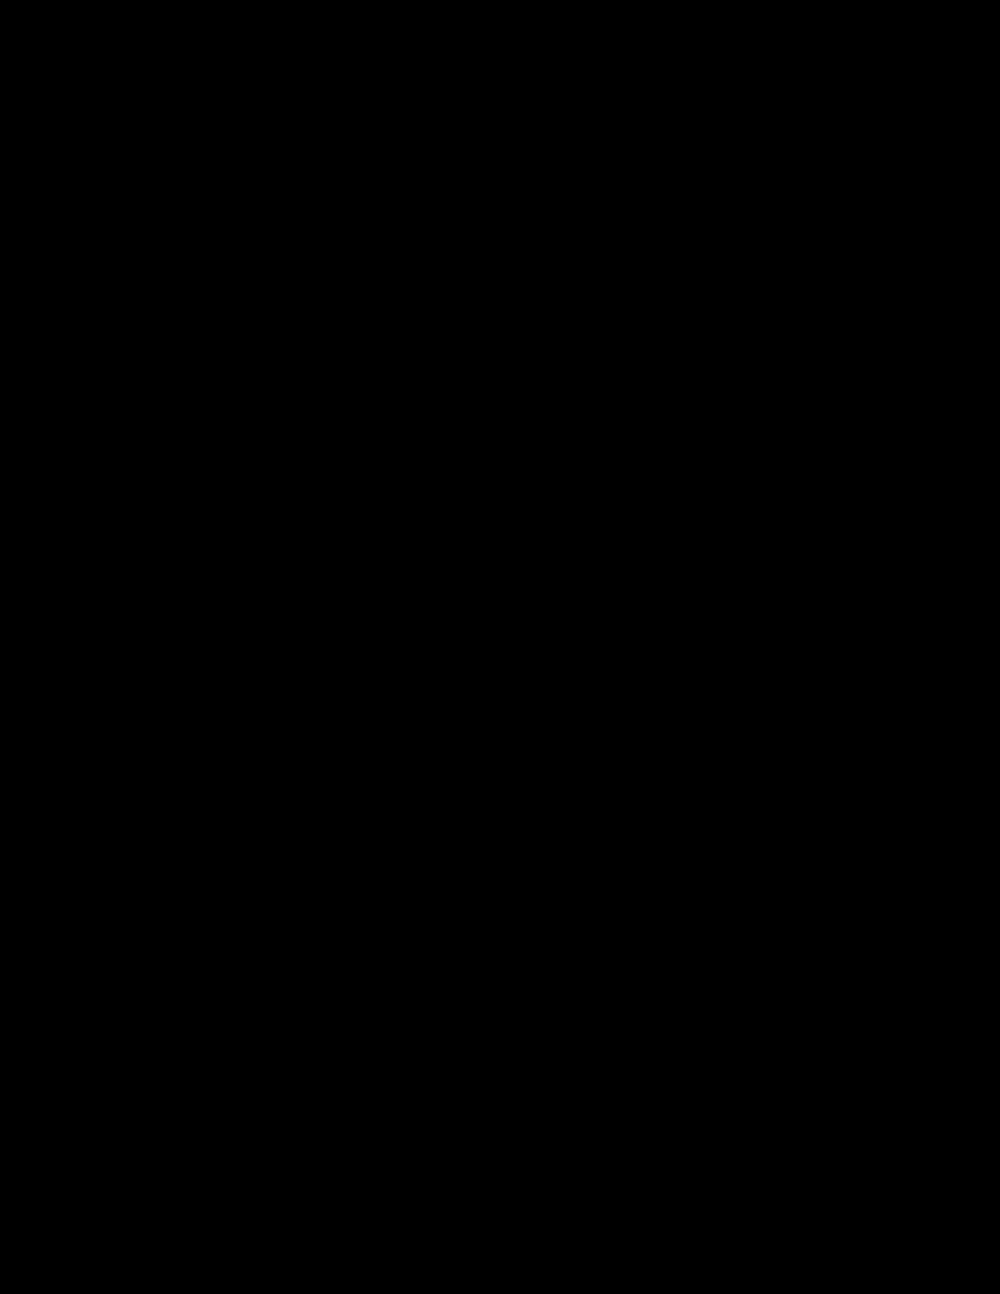 c4ae50f5d68a0d3d9c40633d027c255d-8.png